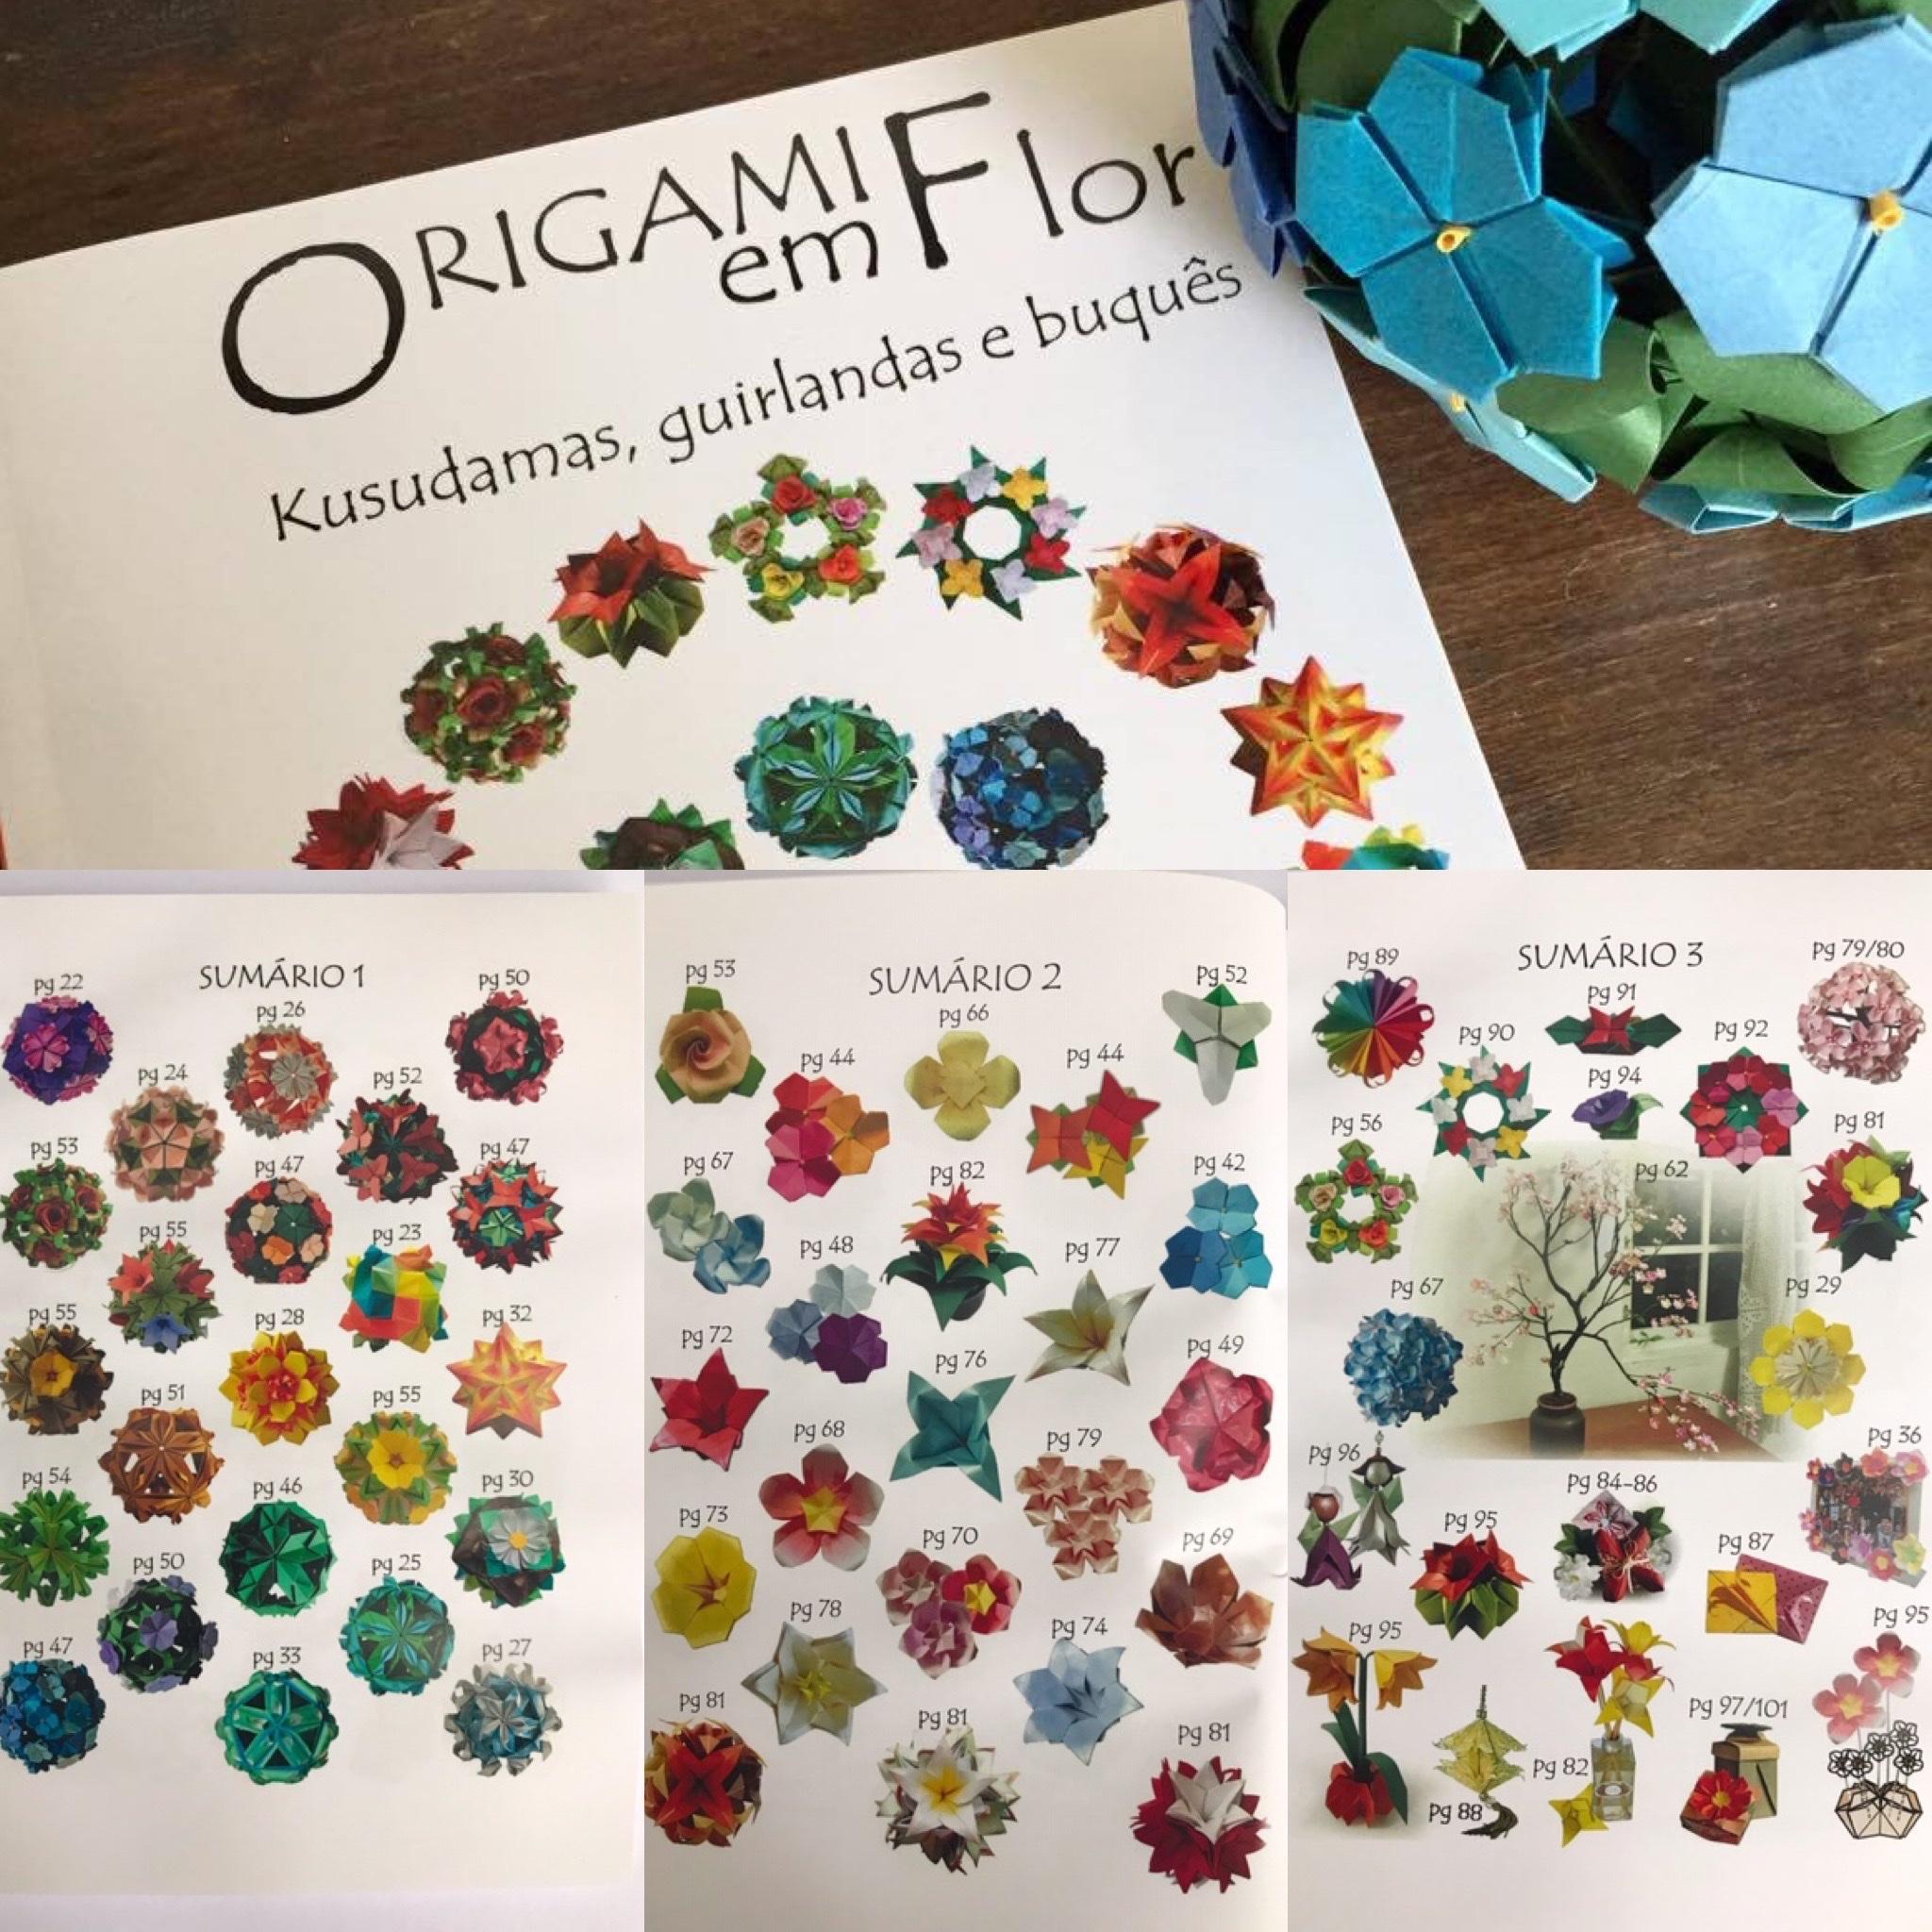 livro de origami, flores, kusudamas, origami modular, decoração, utilitários, guirlandas, arranjos florais,  dobradura, diagramas passo a passo